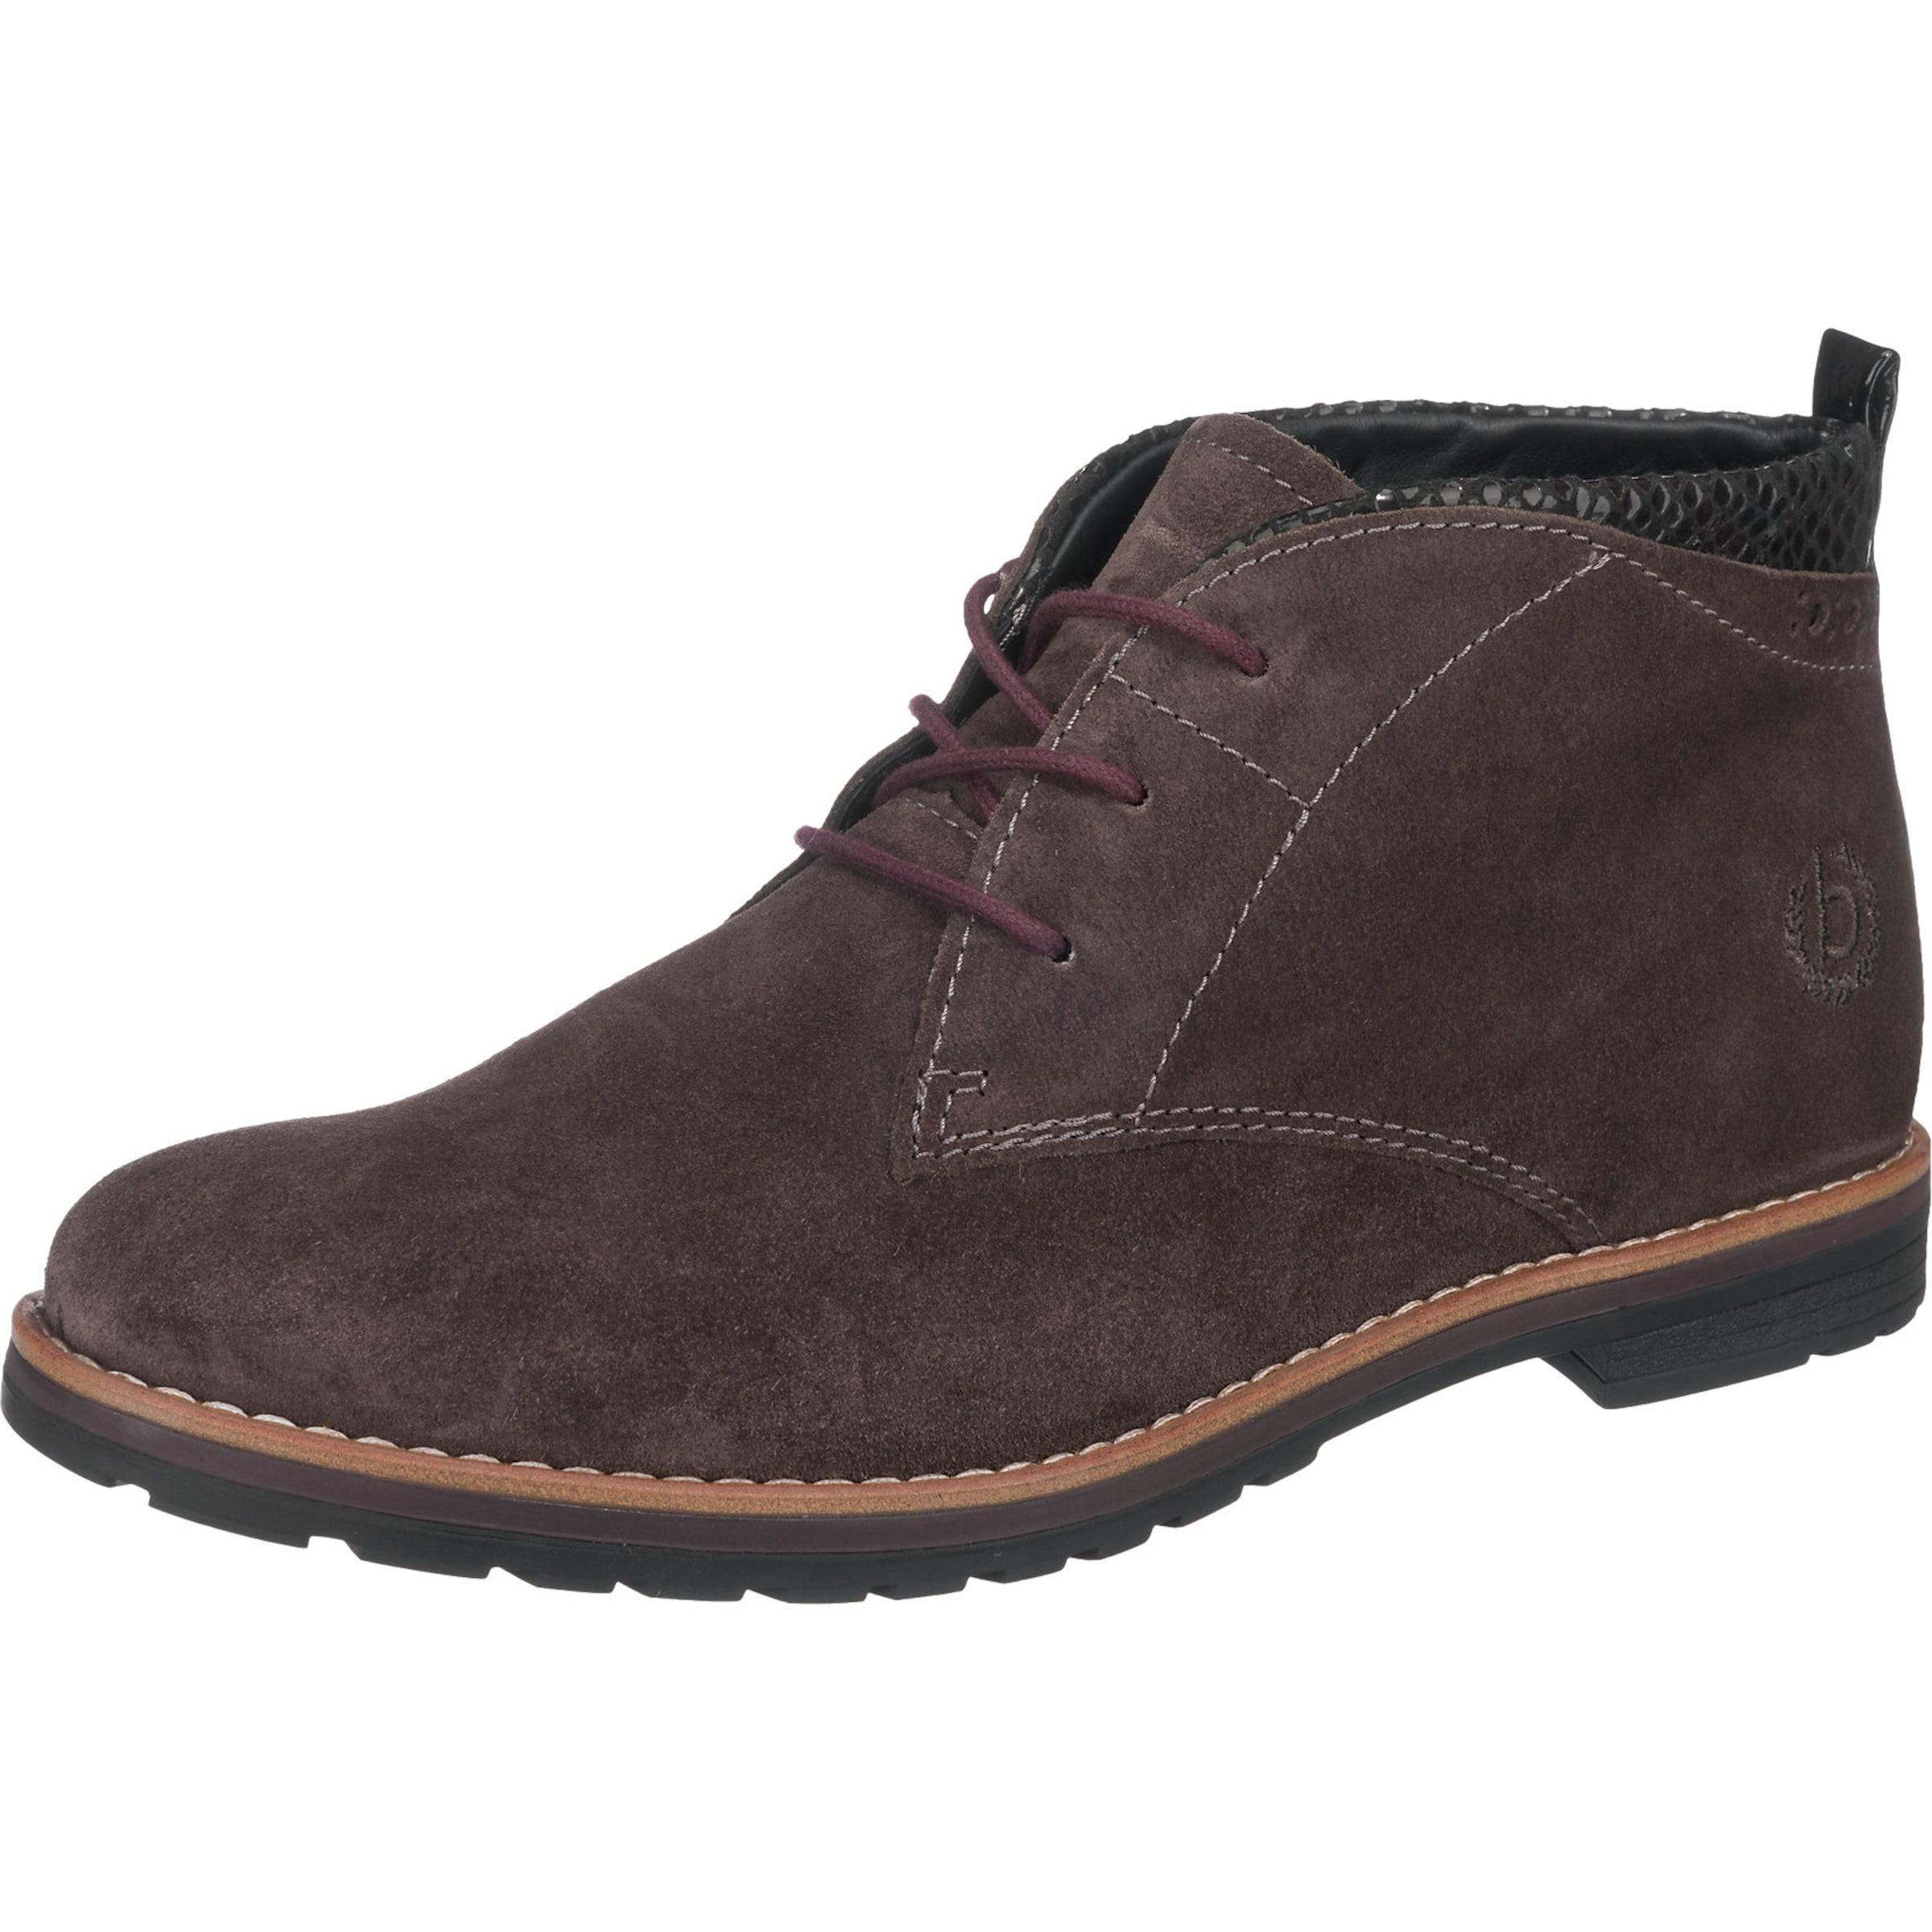 bugatti Boots Verschleißfeste billige Schuhe Hohe Qualität